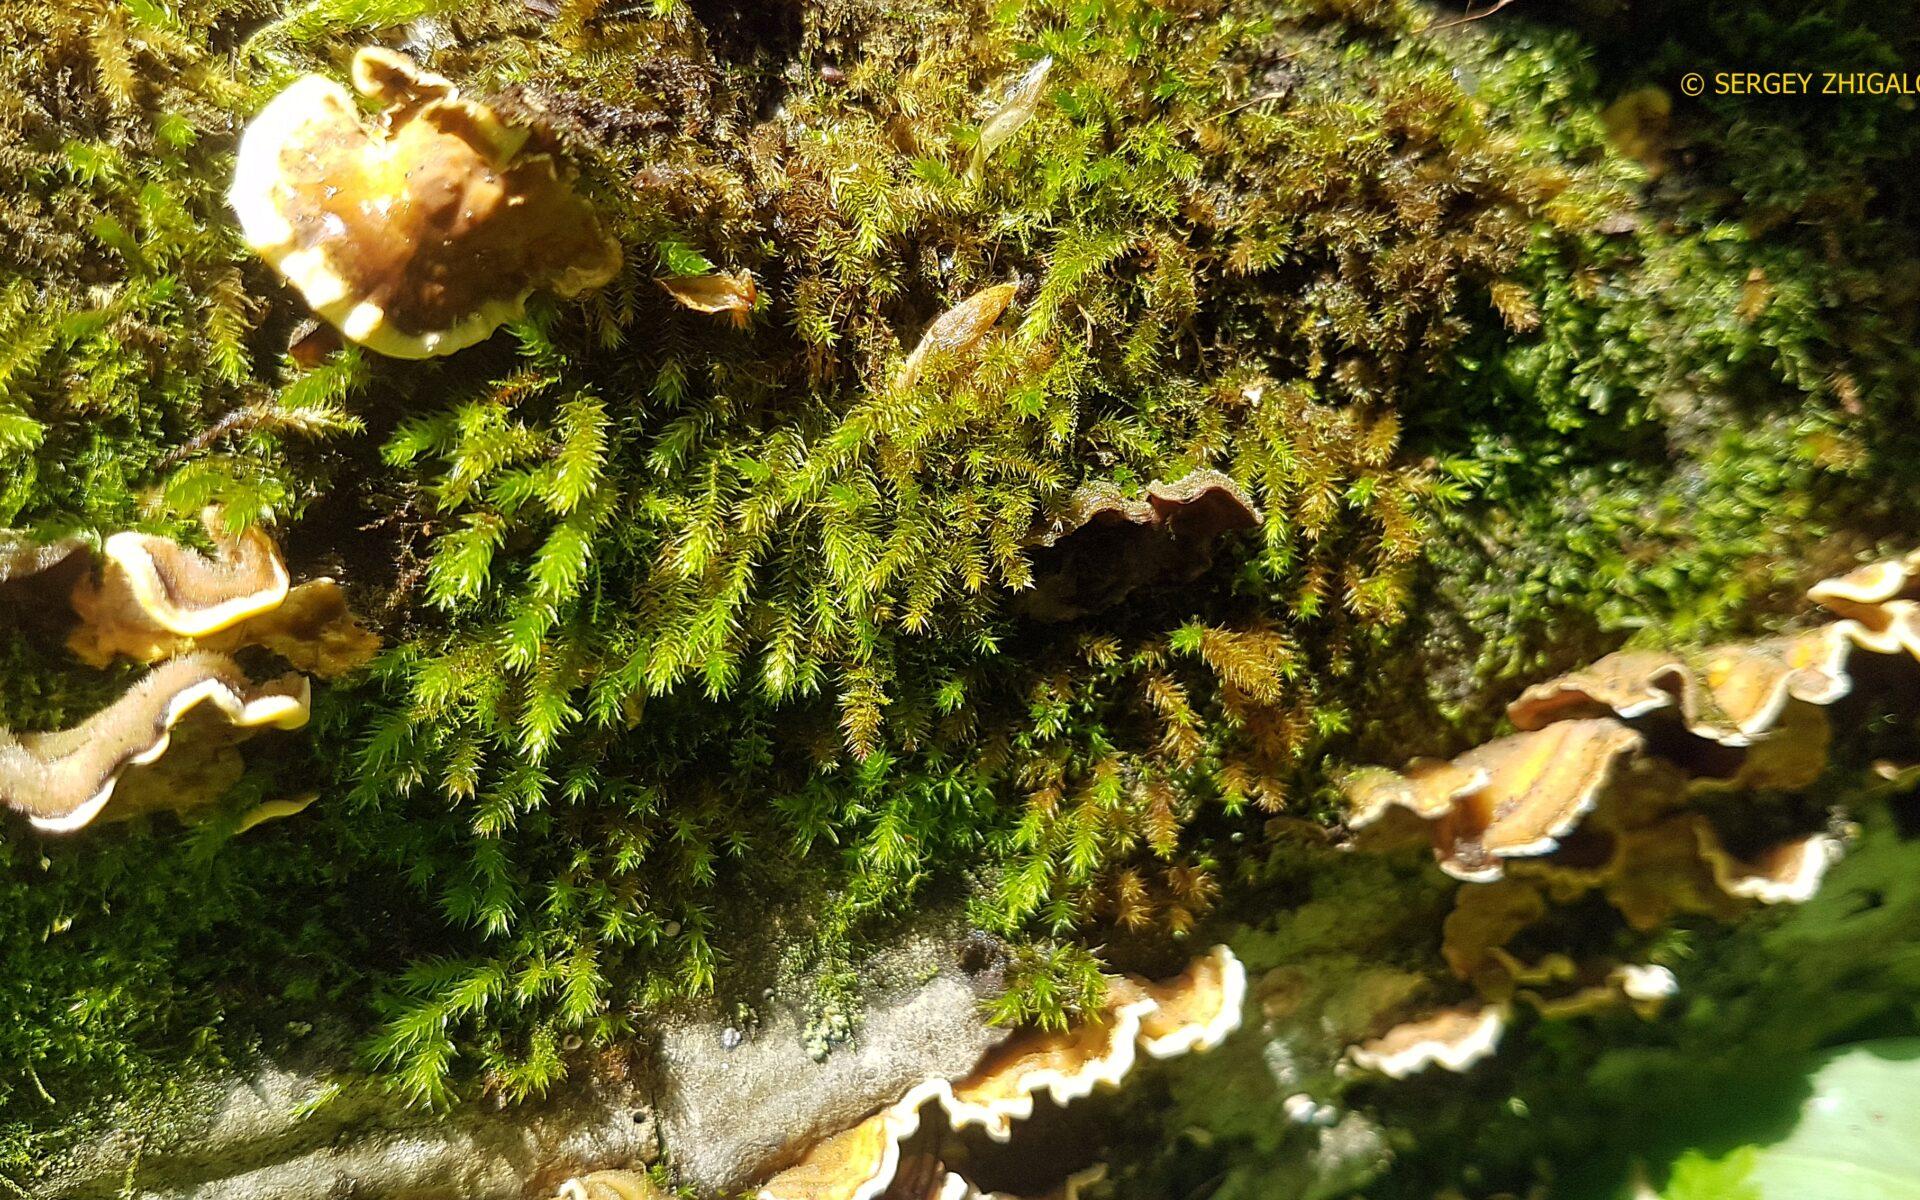 Стереум жёстковолосистый Stereum hirsutum